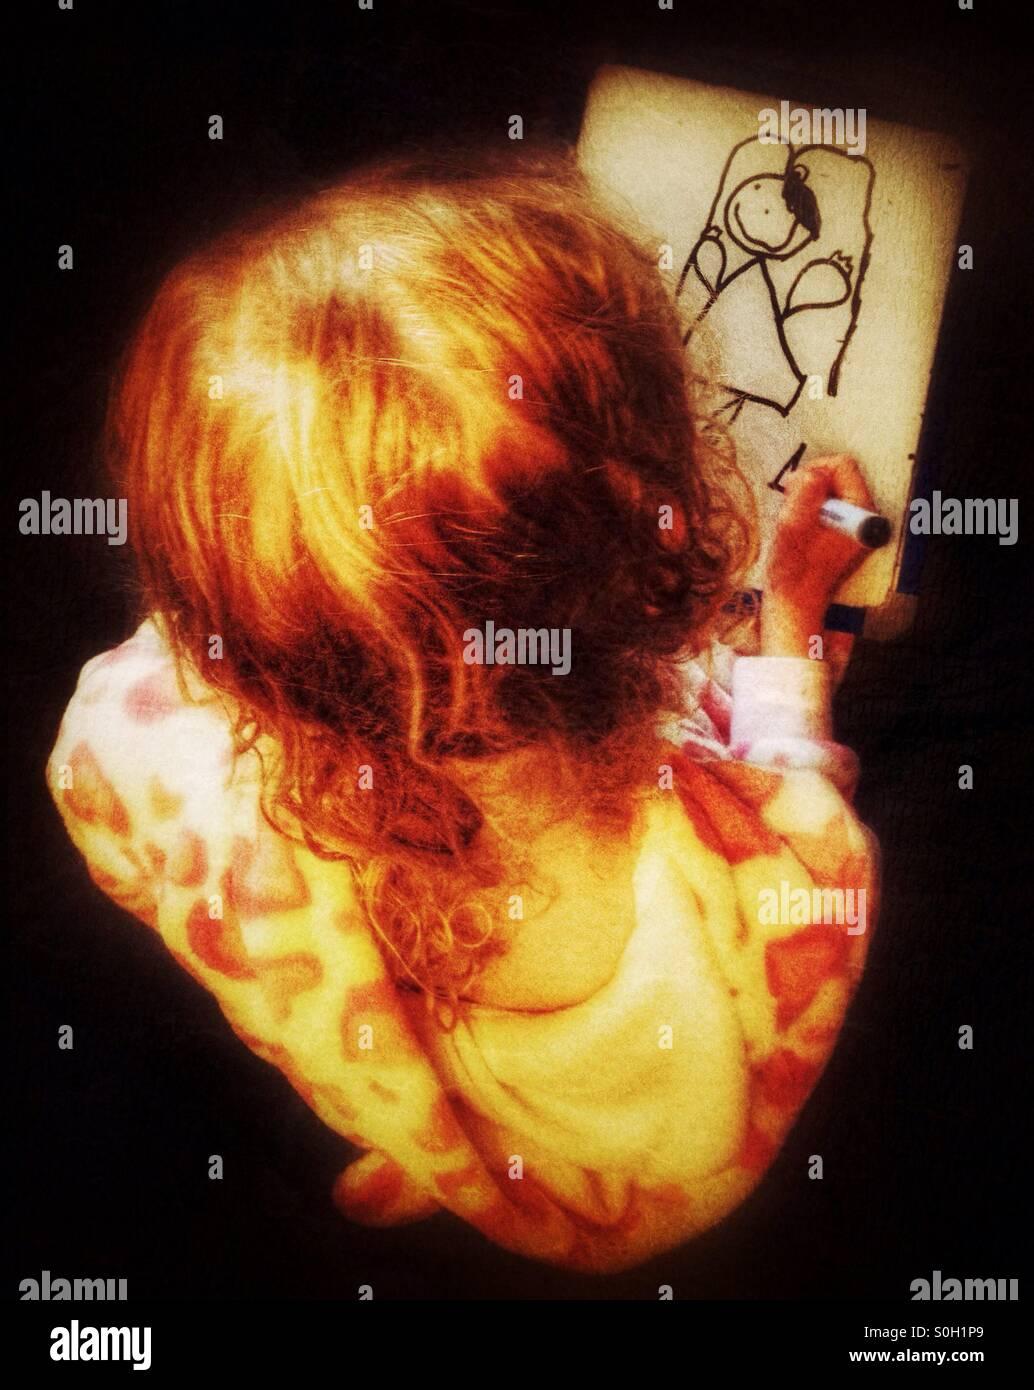 Giovane ragazza il disegno di una giovane ragazza su una piccola scheda bianca Immagini Stock